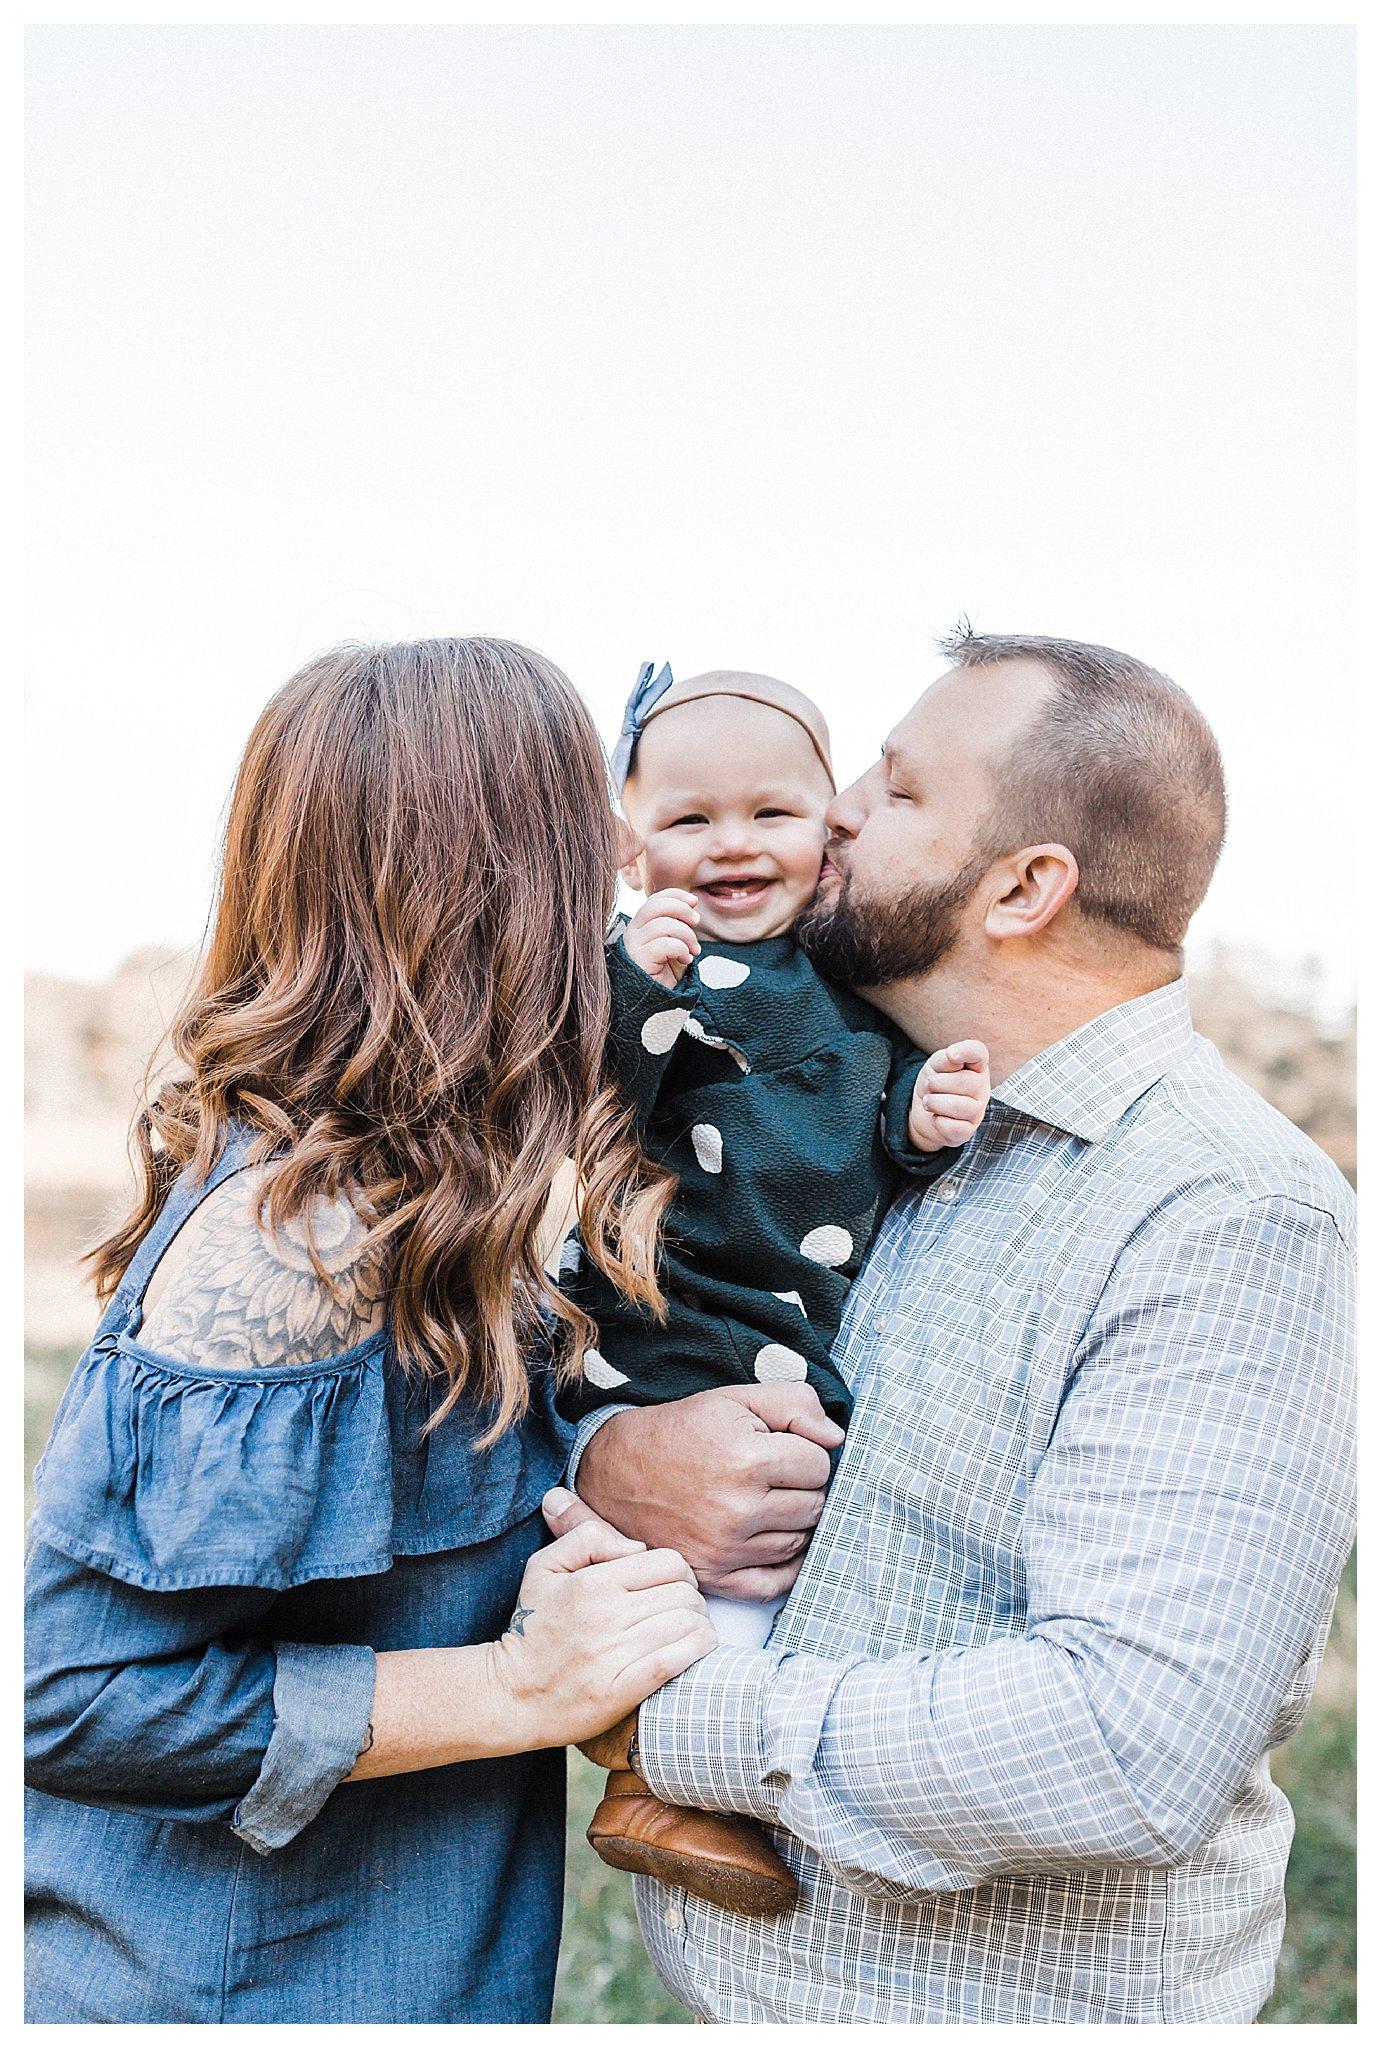 Manassas Battlefield Family Photography | Andrea Rodway Photography